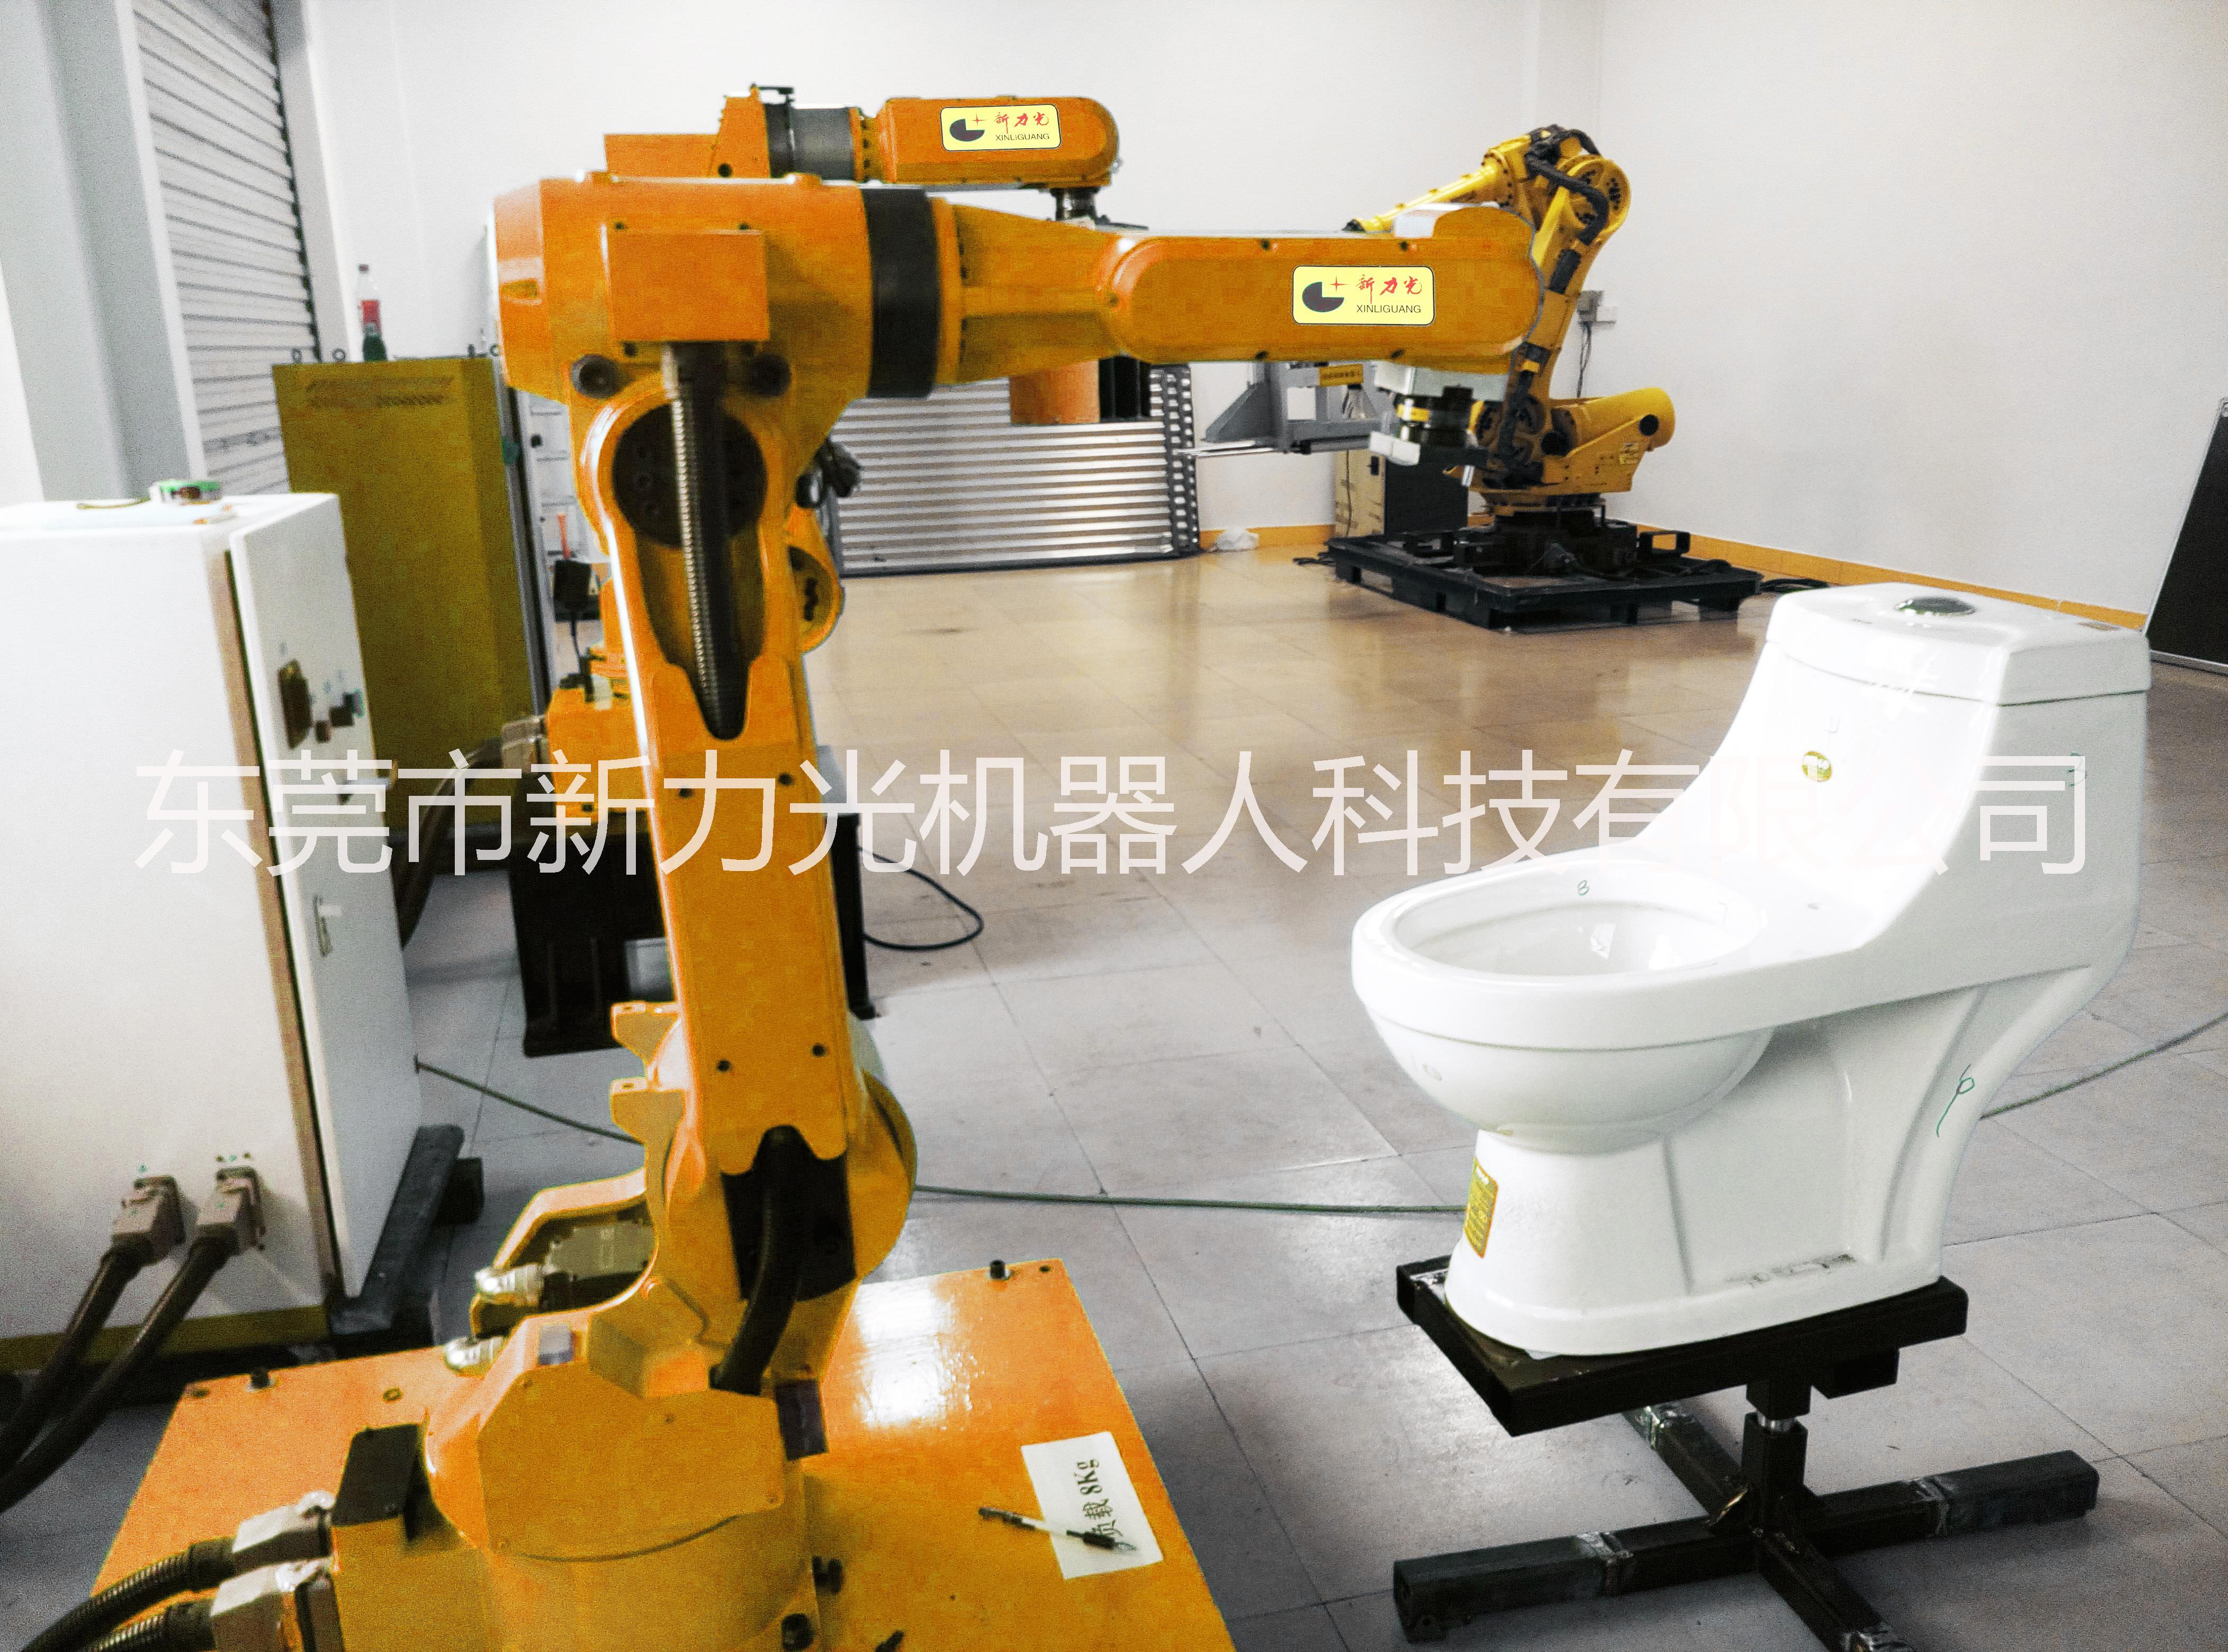 工业机器人自动喷釉设备 全自动喷涂机器人 车间喷涂生产线